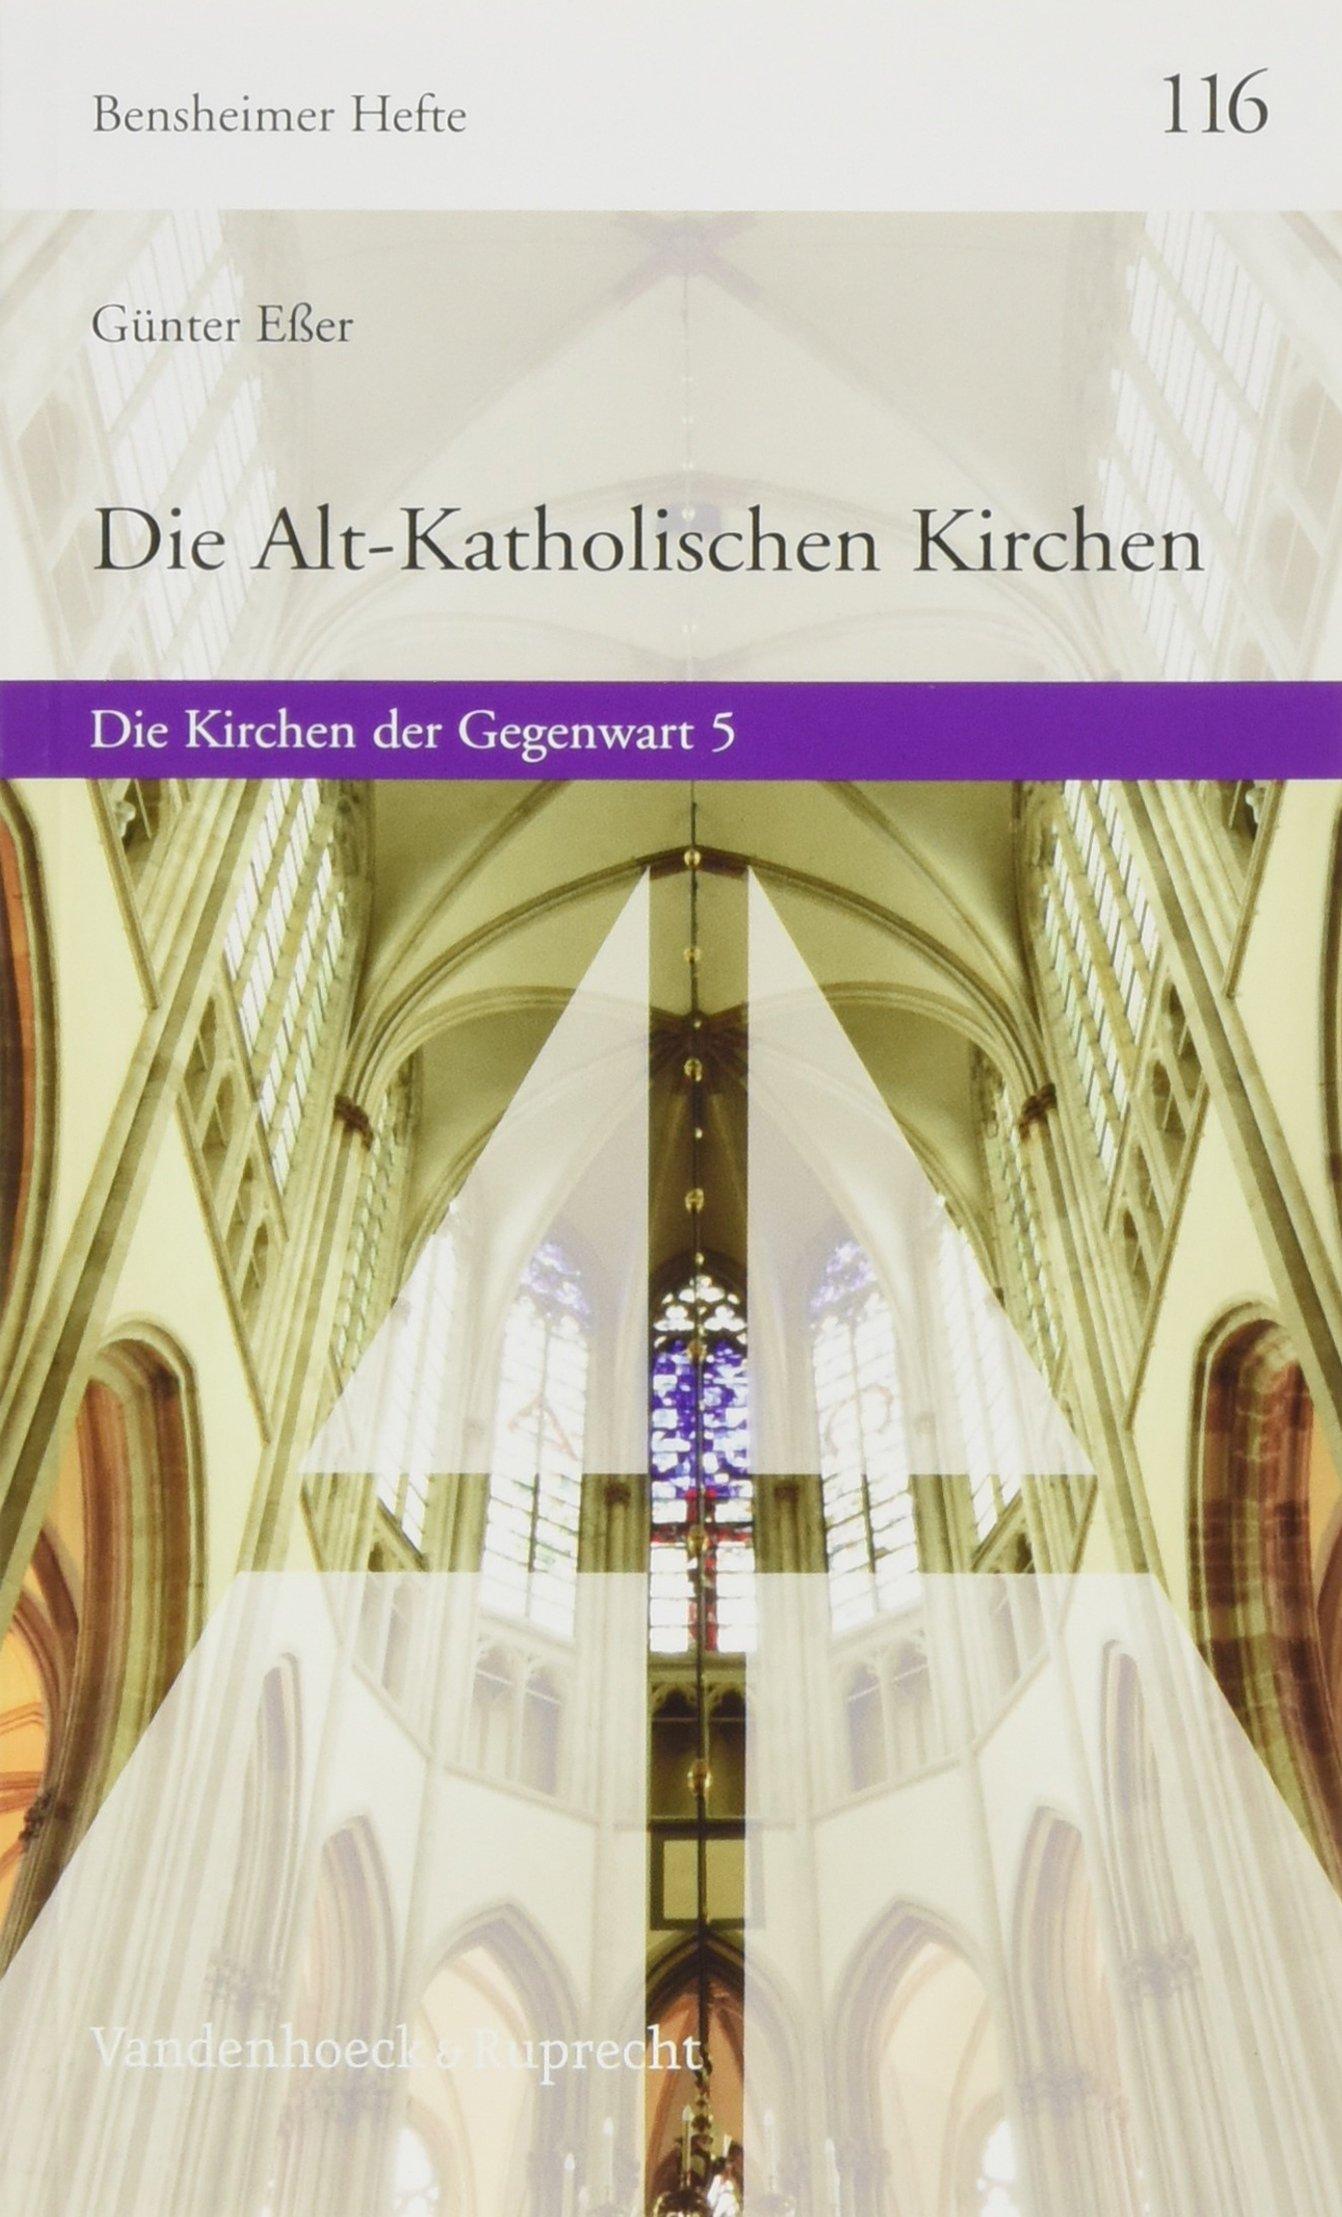 Die Alt-Katholischen Kirchen (Bensheimer Hefte)